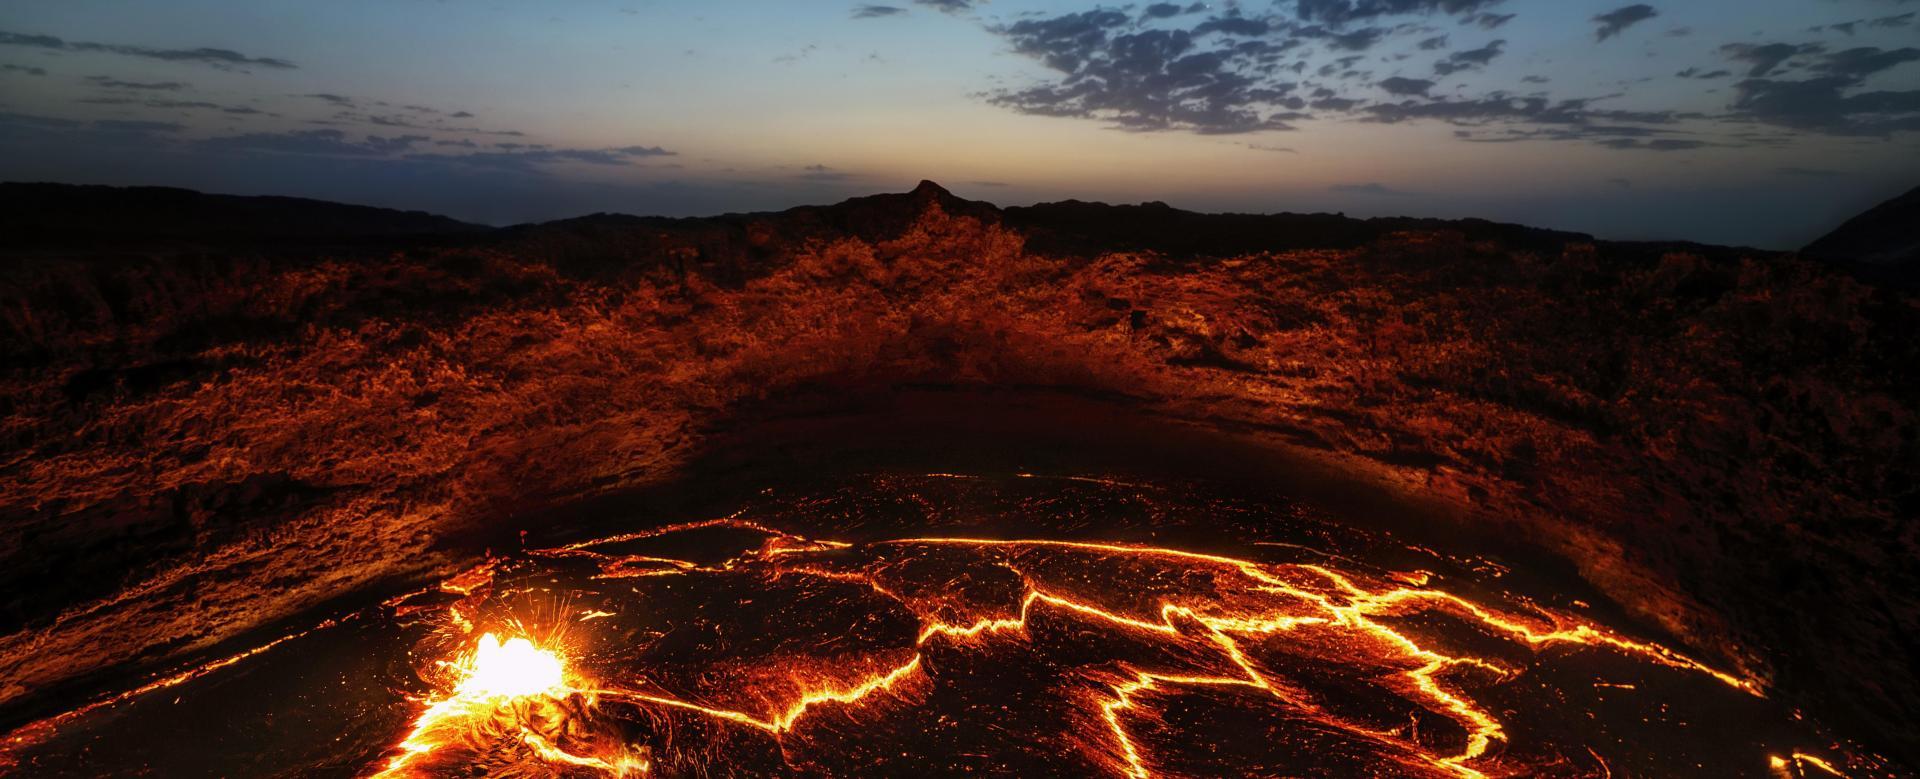 Voyage à pied : Royaume d'abyssinie et volcans du danakil